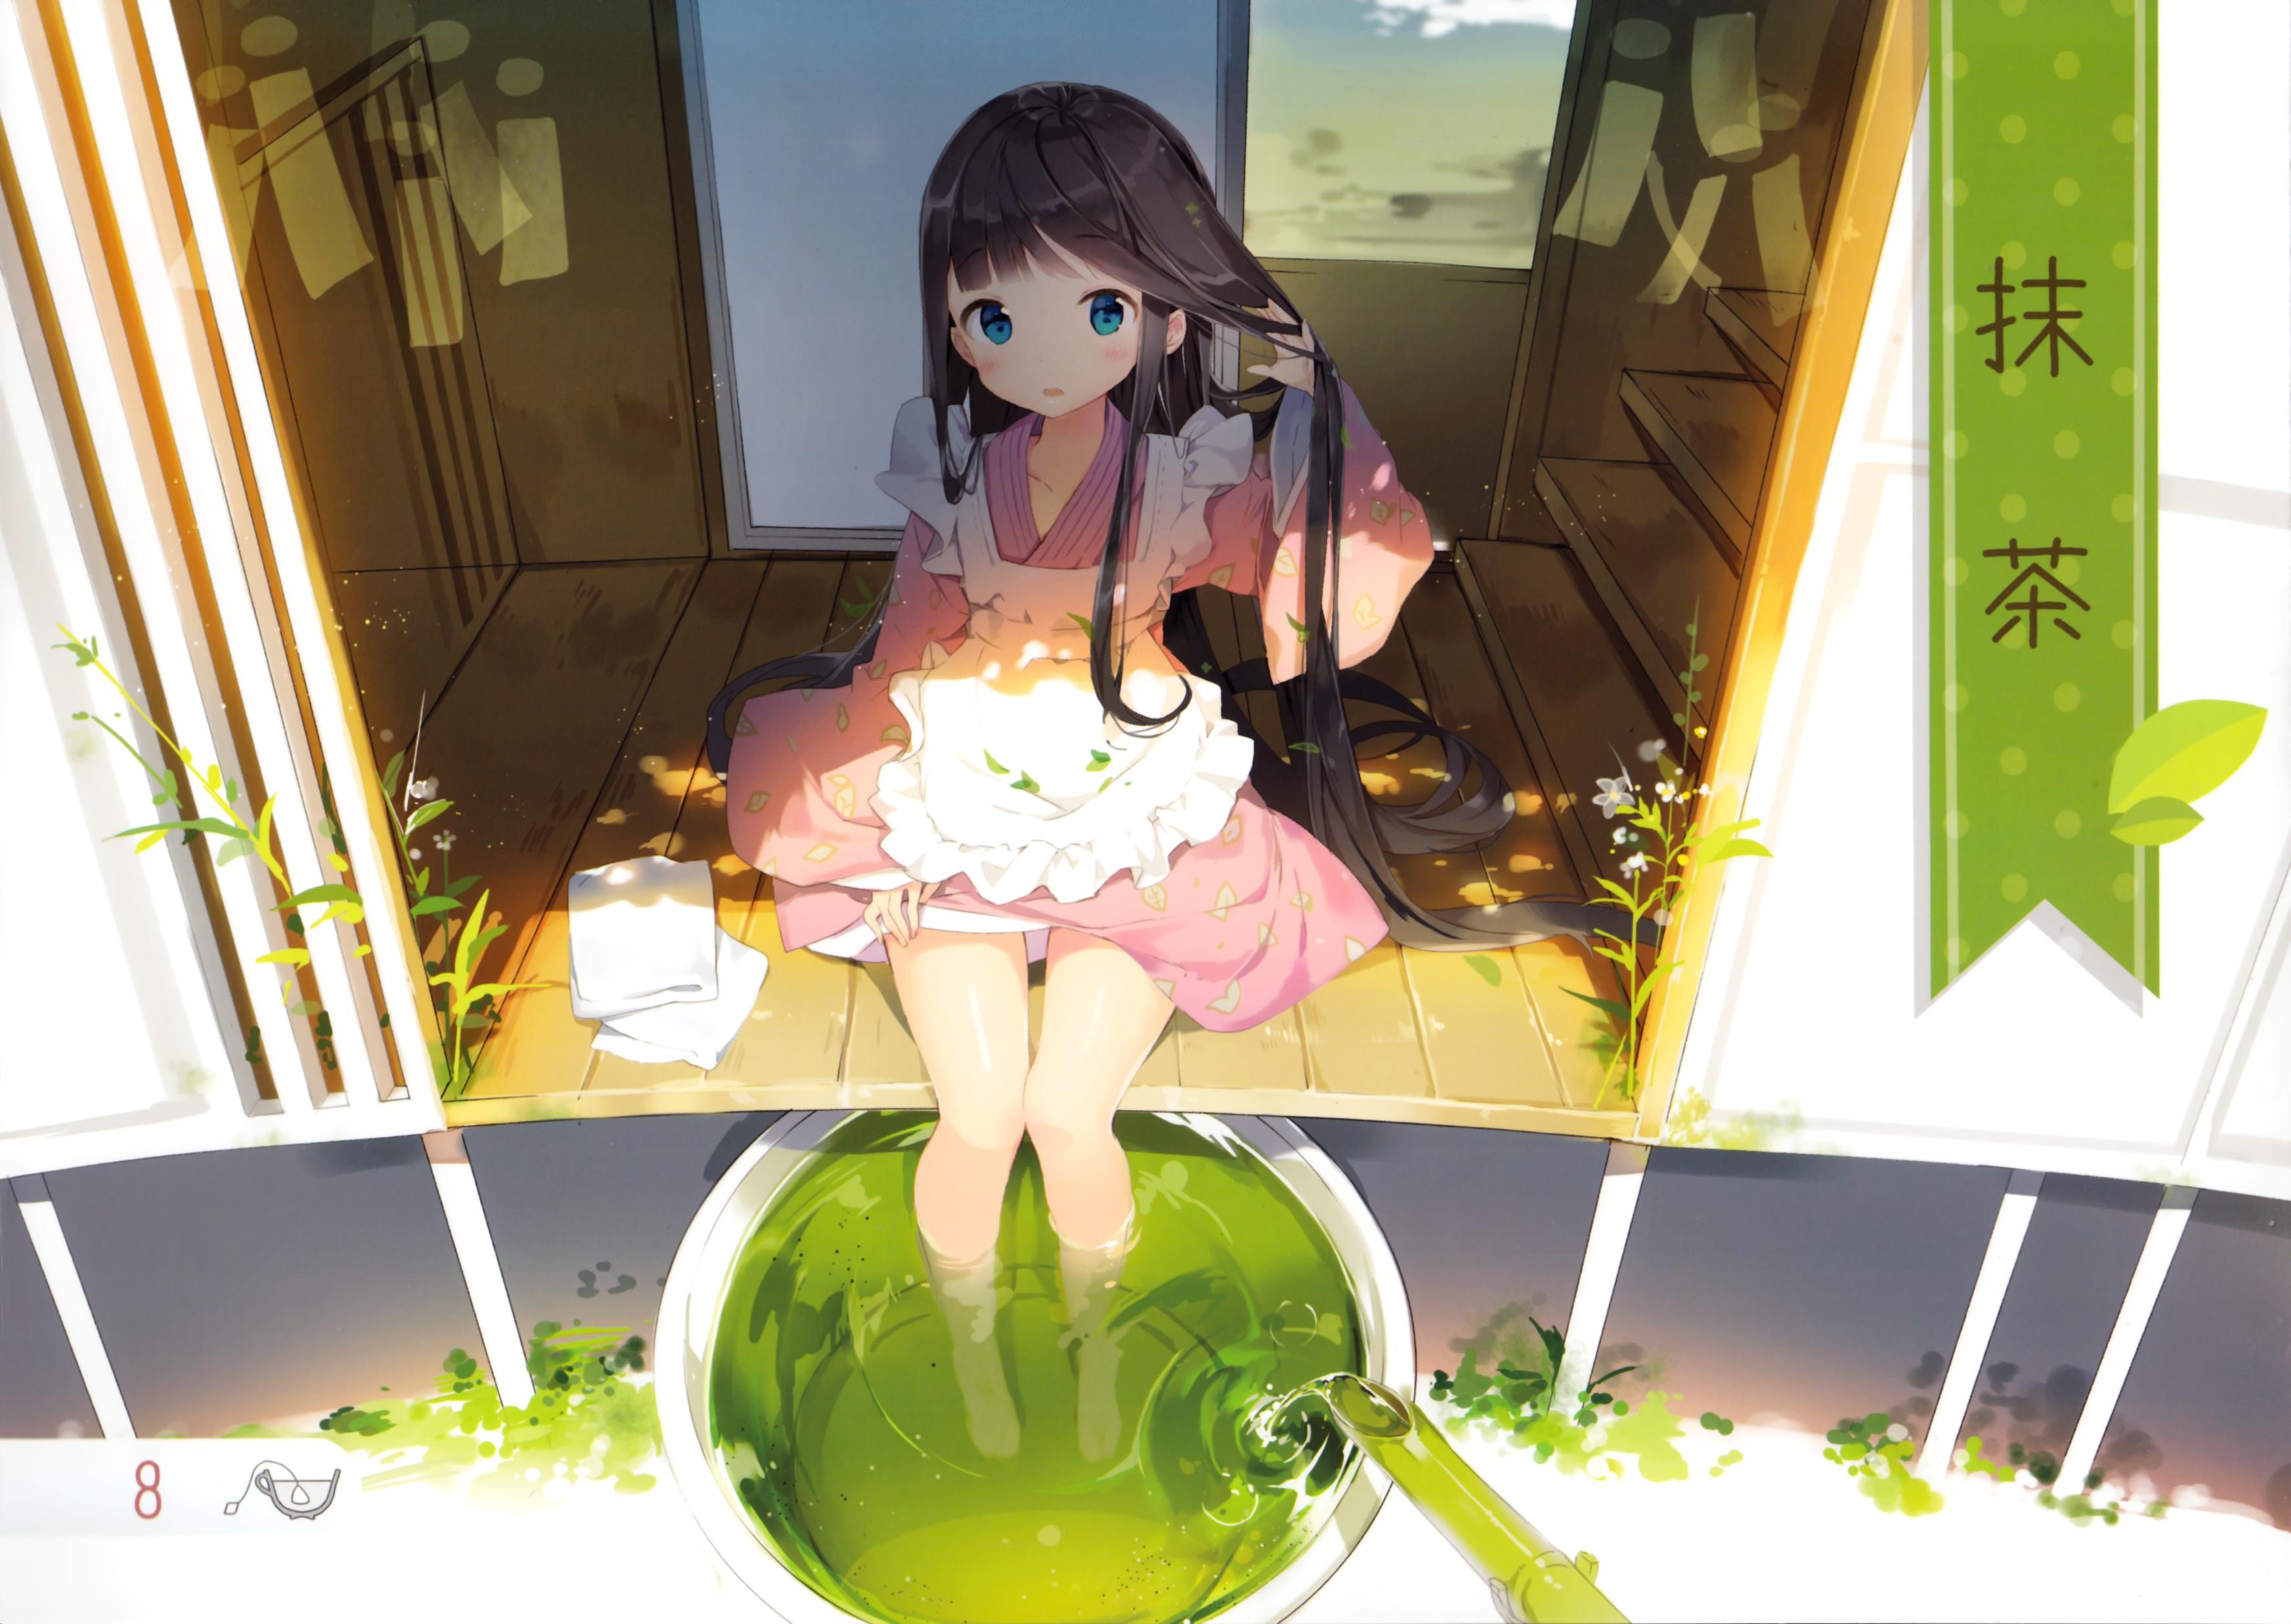 anmi image 1443145 zerochan anime image board